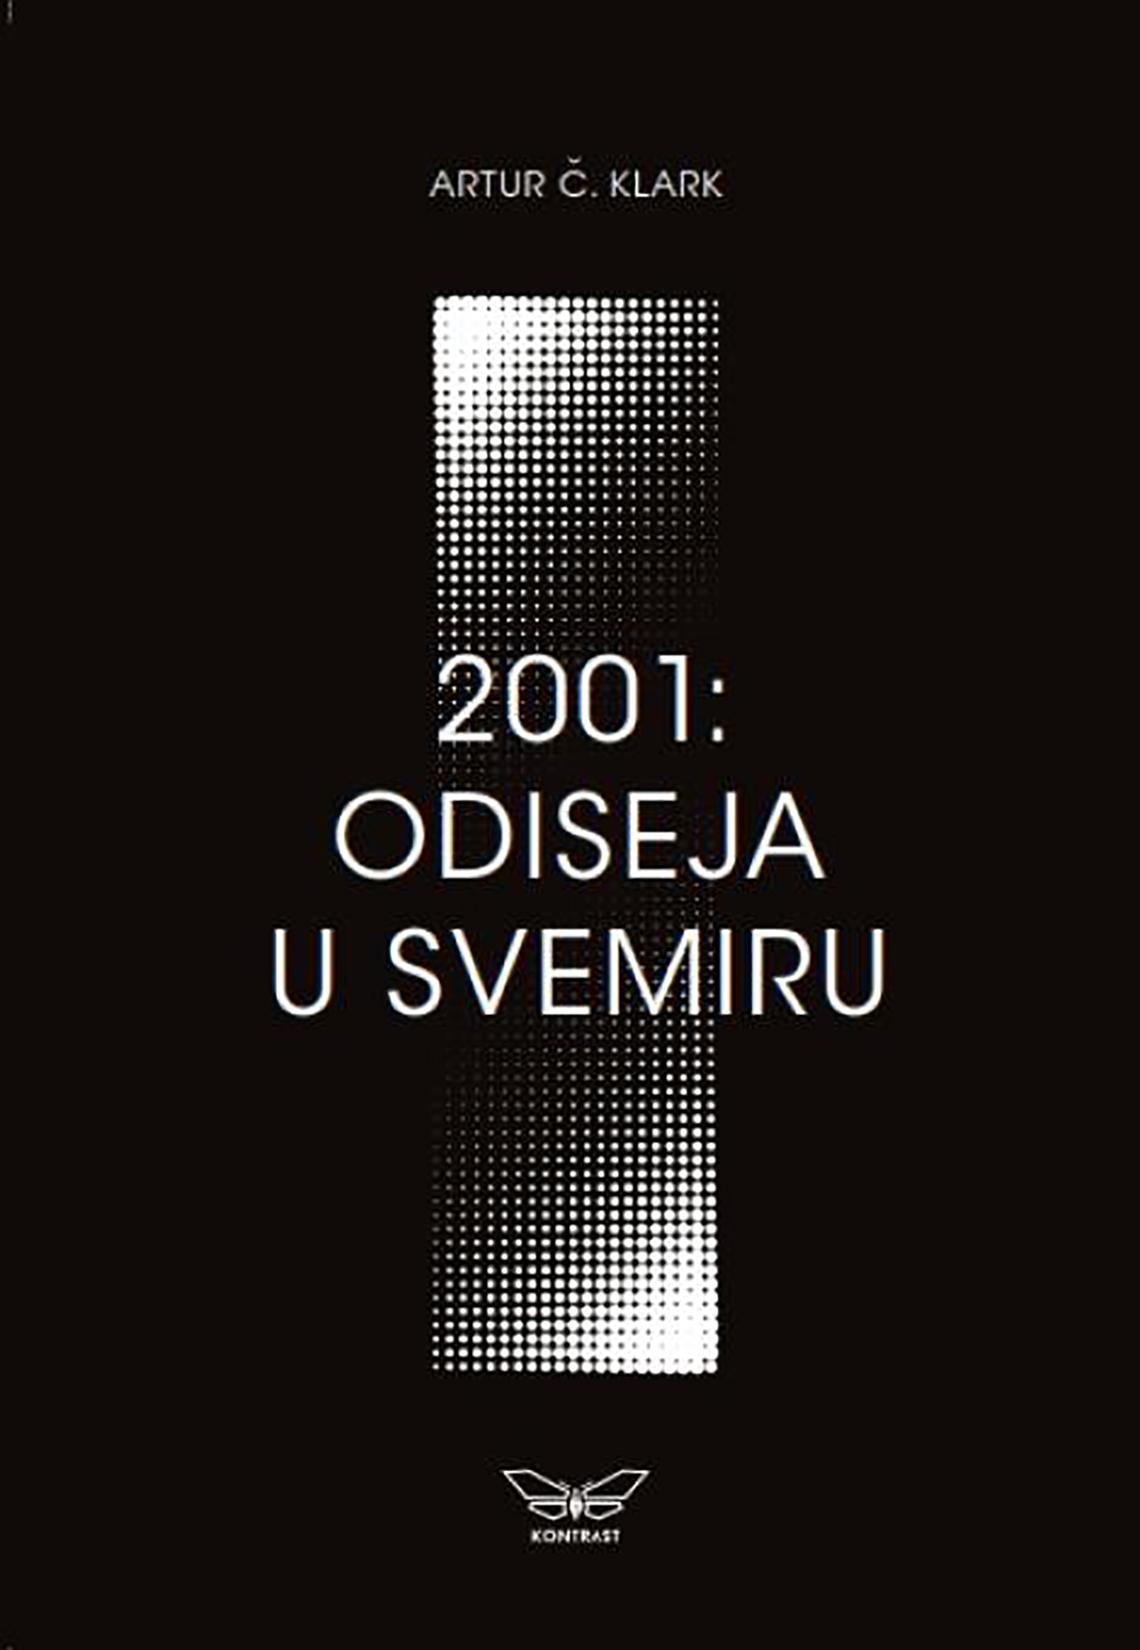 Artur Č. Klark, 2001. Odiseja u svemiru, knjiga, knjige